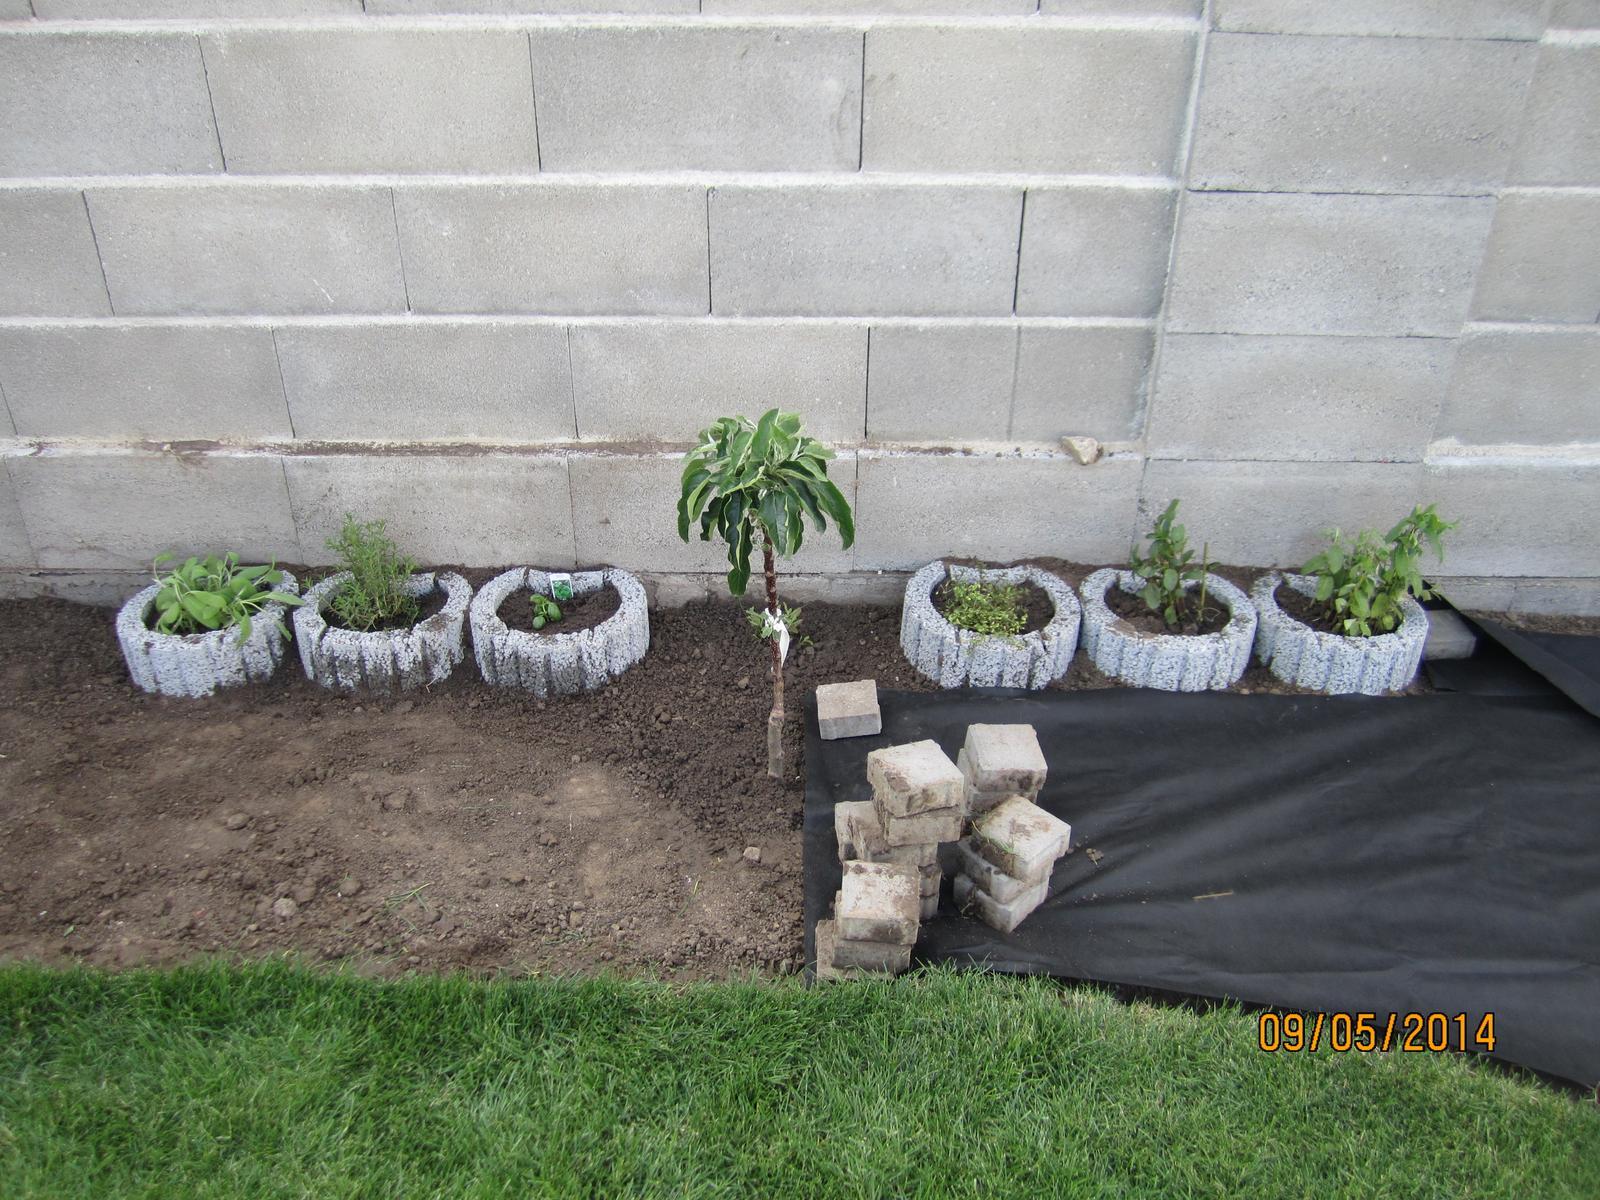 Bývame a dokončievame - Dnes sme kupili tvarnice a zasadili  bylinky ... tvarnice sme osadili do polovice hlbky do zeme, aby sa menej prehrievali...